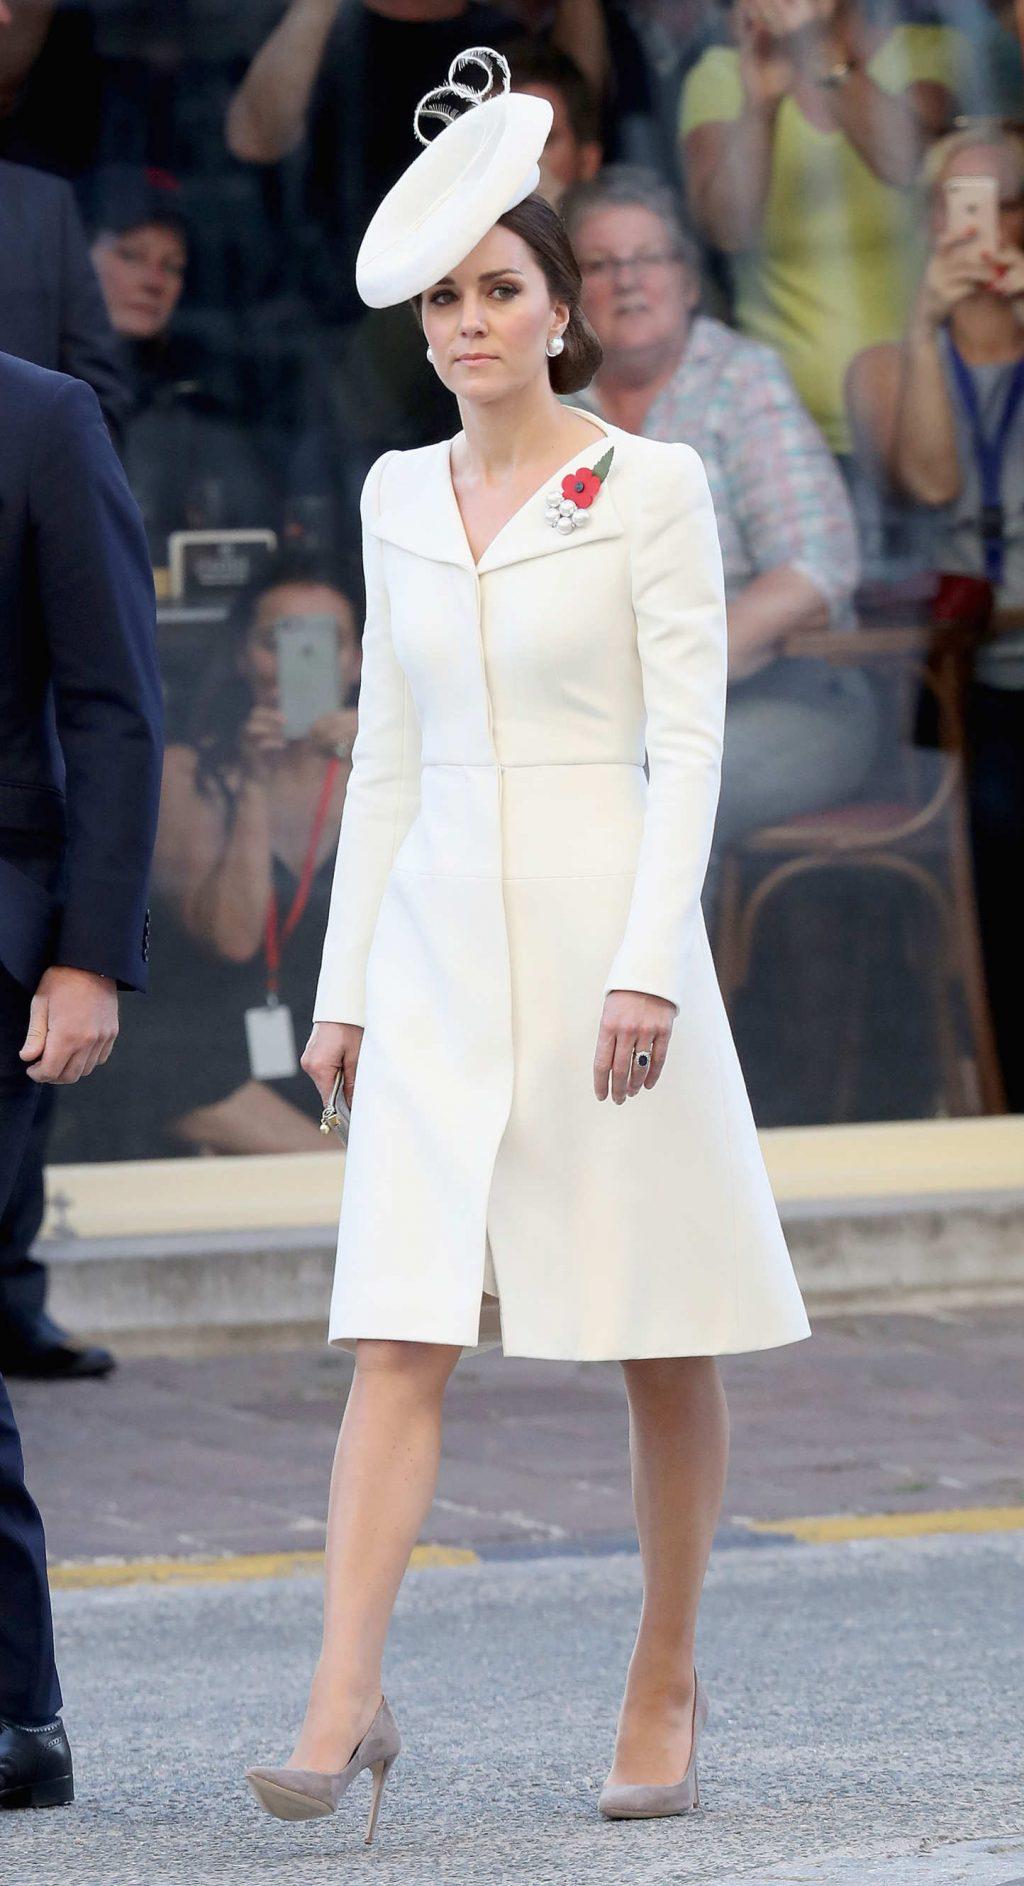 Công nương Kate Middleton sẽ lựa chọn thiết kế từ thương hiệu nào trong ngày cưới của hoàng tử Harry và Meghan Markle? 1